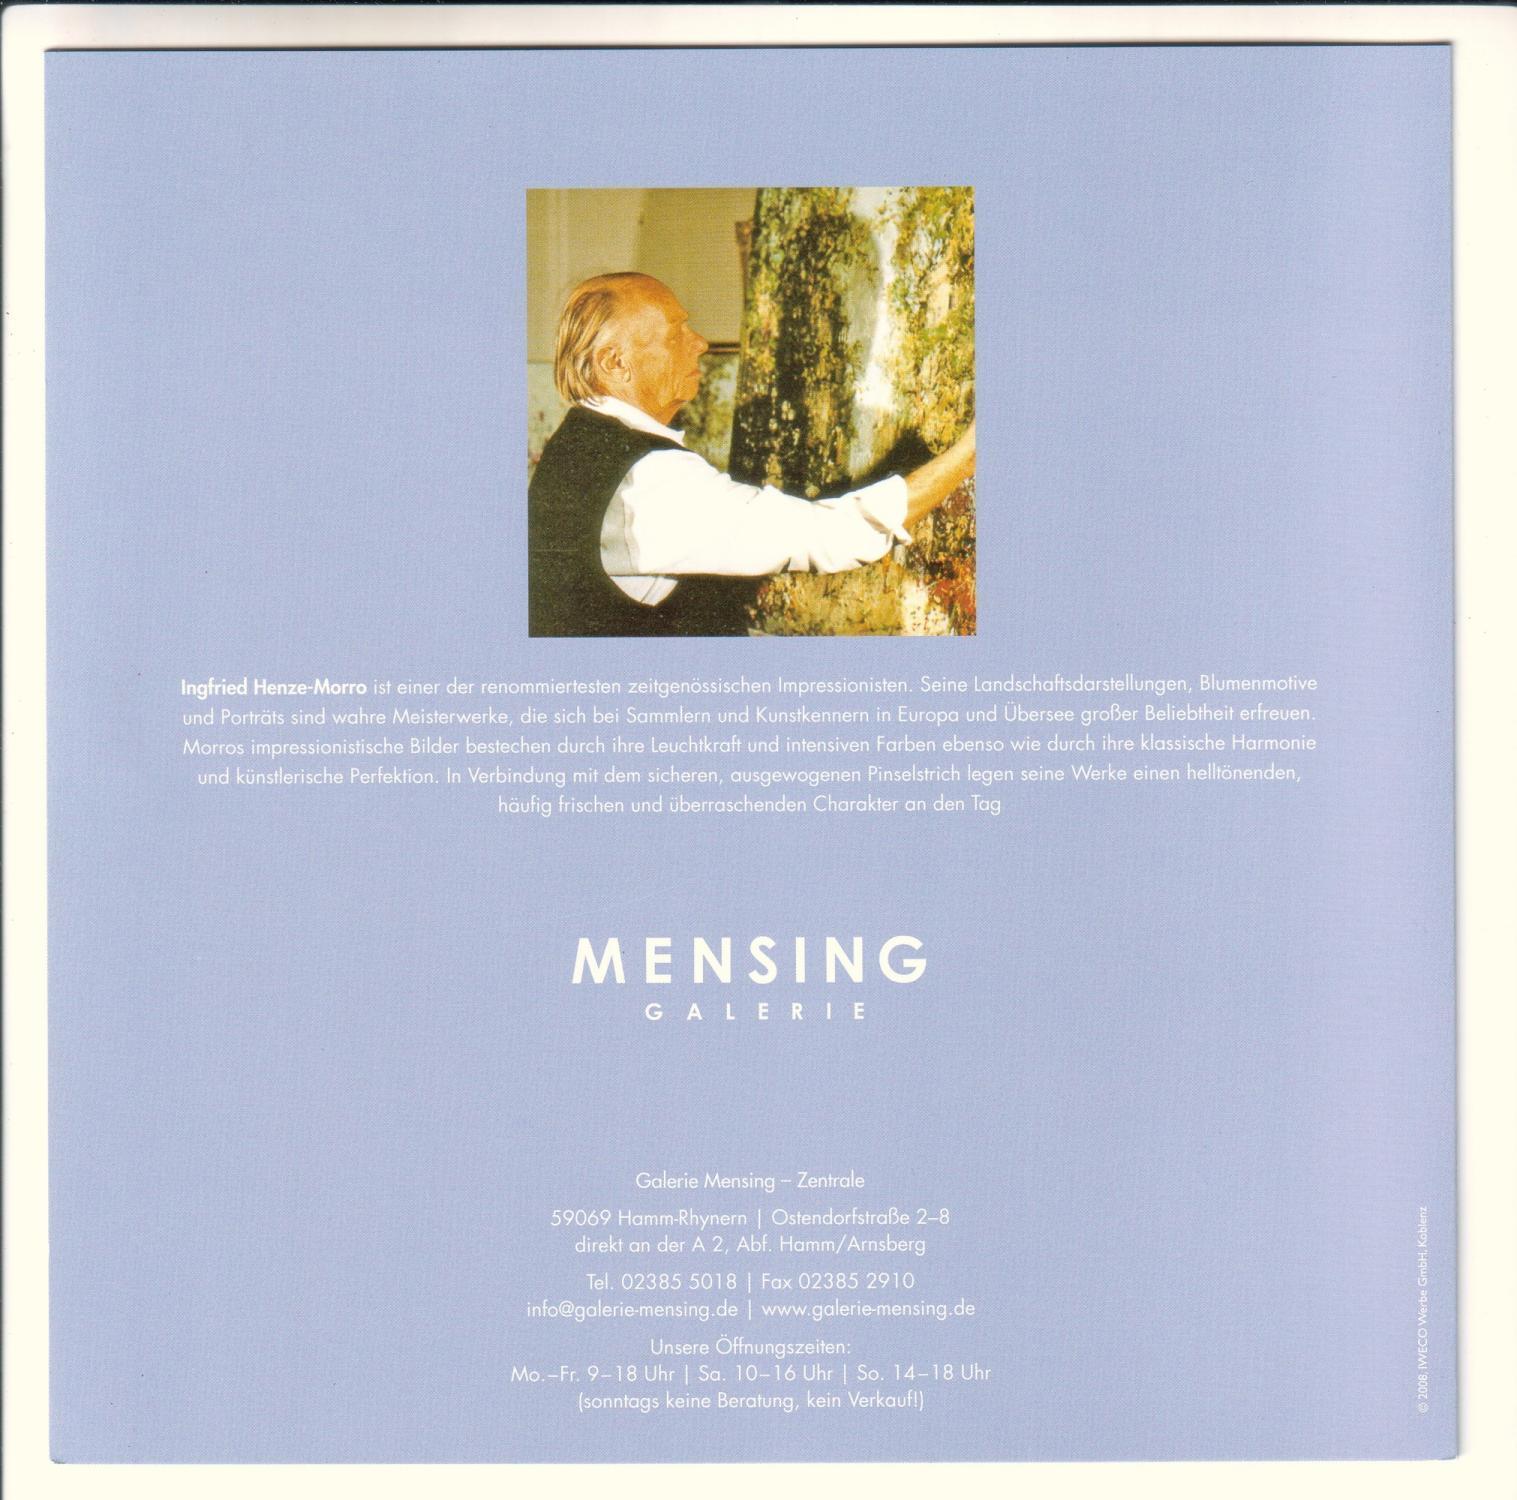 Galerie Mensing Hamm mensing galerie zvab